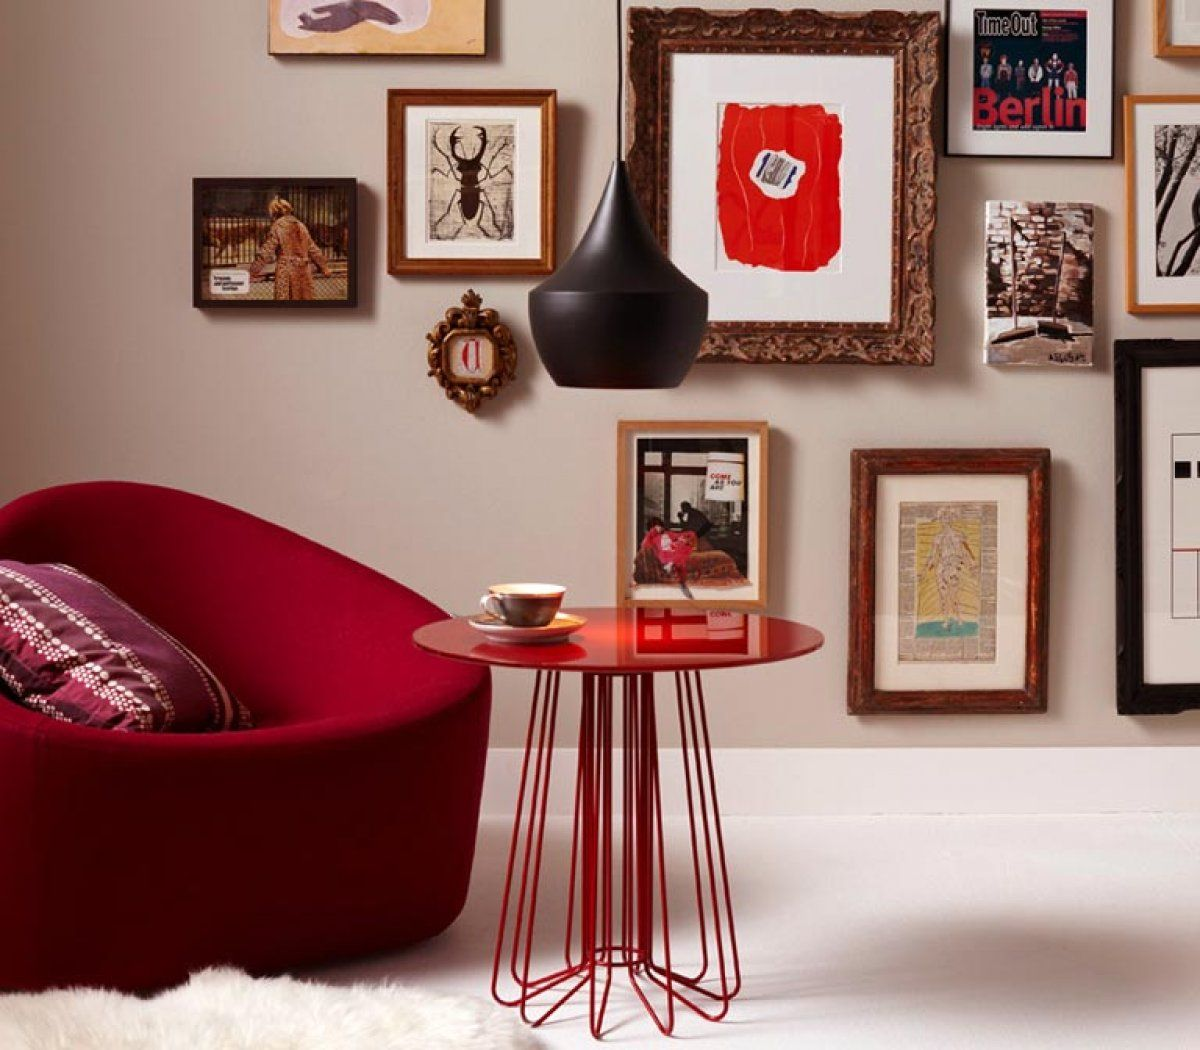 Die Wandfarben Braun, Beige, Zartes Grau Sowie Violett Töne Bieten Die  Perfekte Kulisse